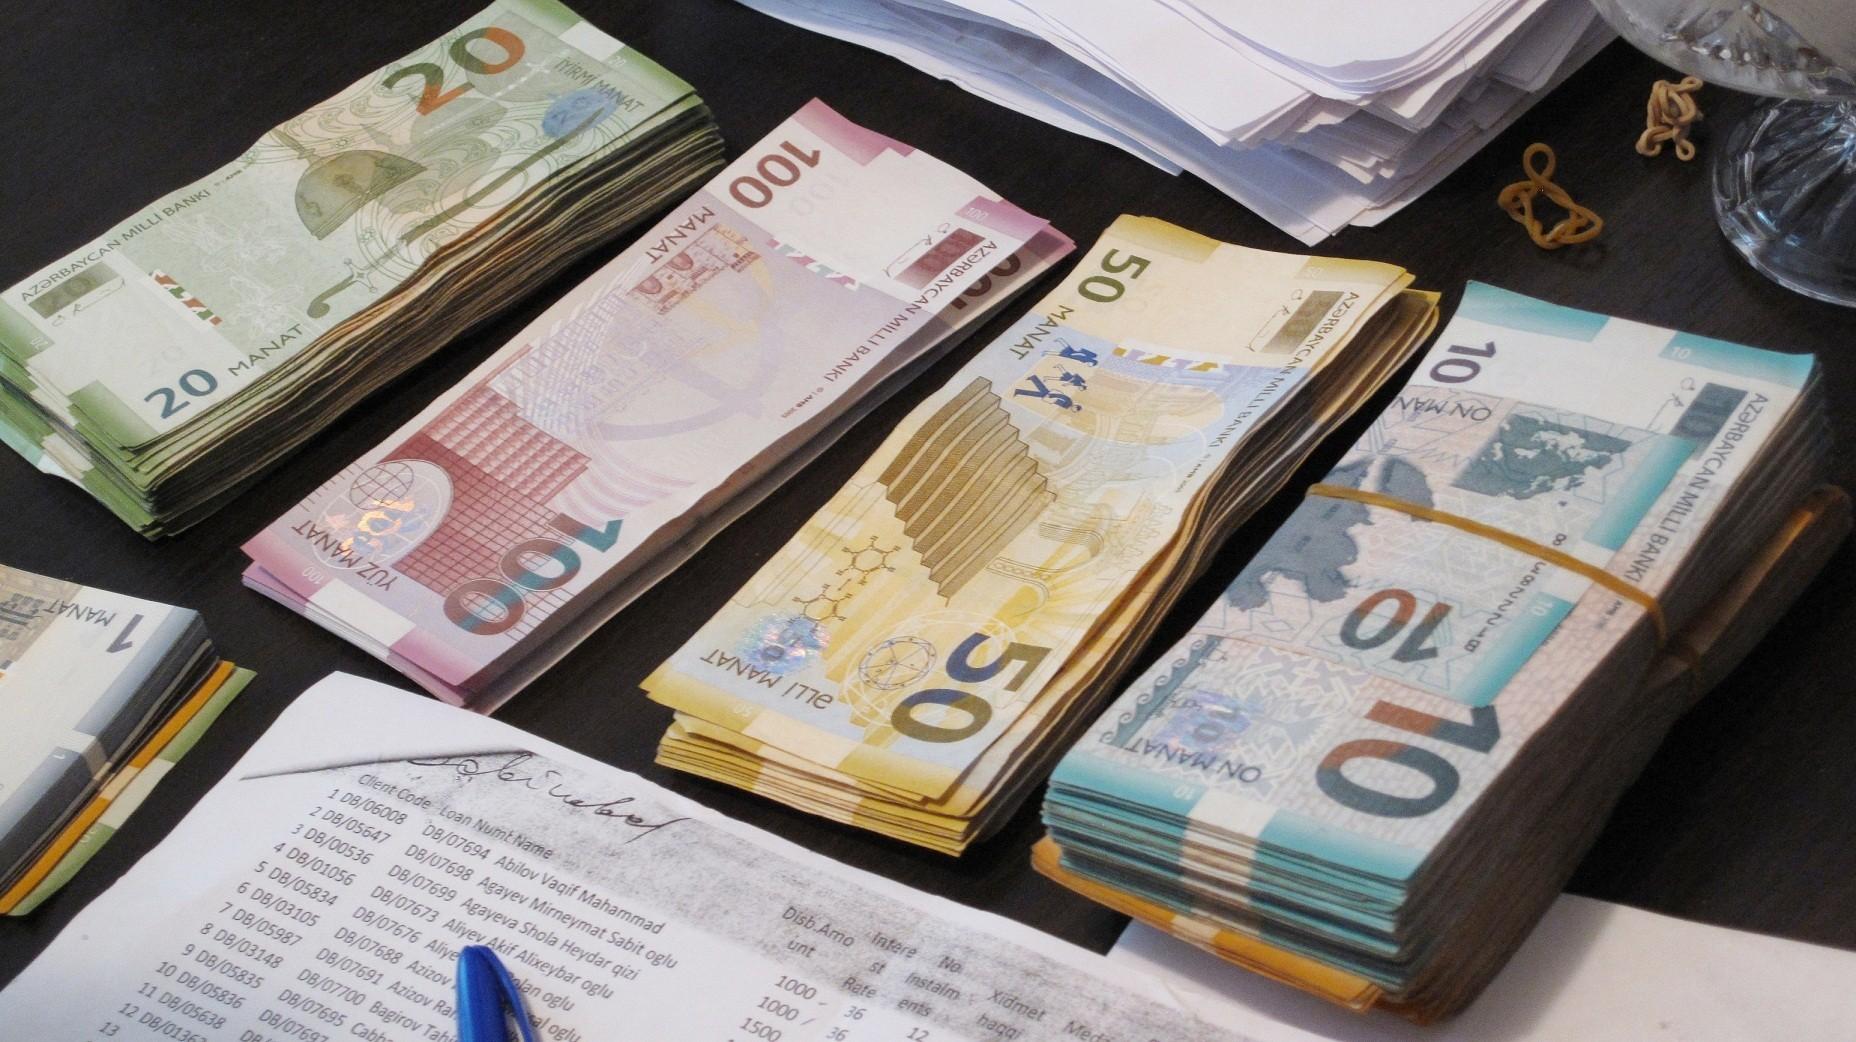 Чистая прибыль банковского сектора Азербайджана в I квартале составила 124 млн манатов